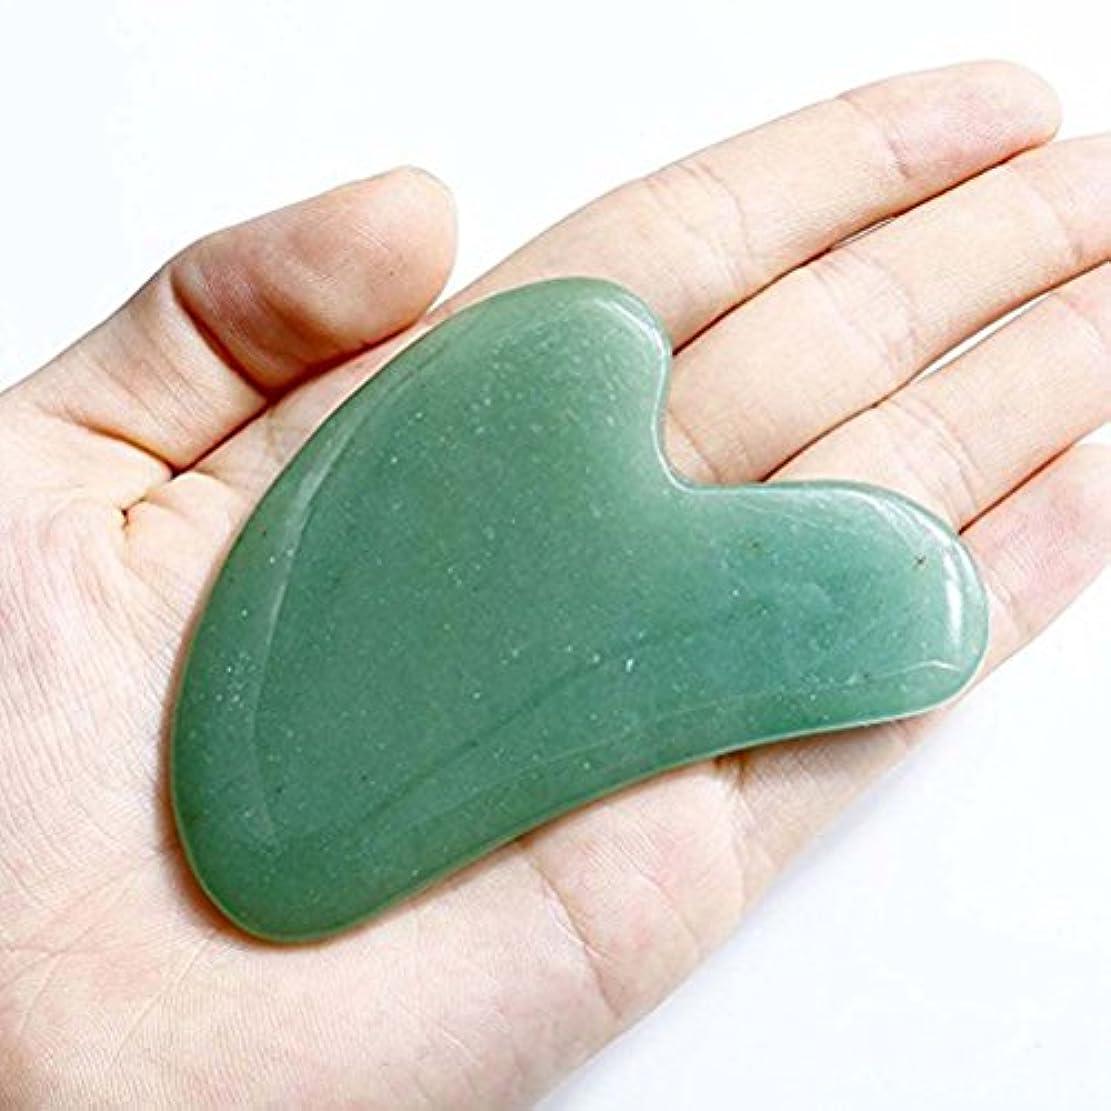 カスタムモンスター衝突するEcho & Kern Face / Body Massage Green Aventurine heart shape ハート形状かっさプレート 天然石 翡翠色(顔?ボディのリンパマッサージ) (かっさプレートH)